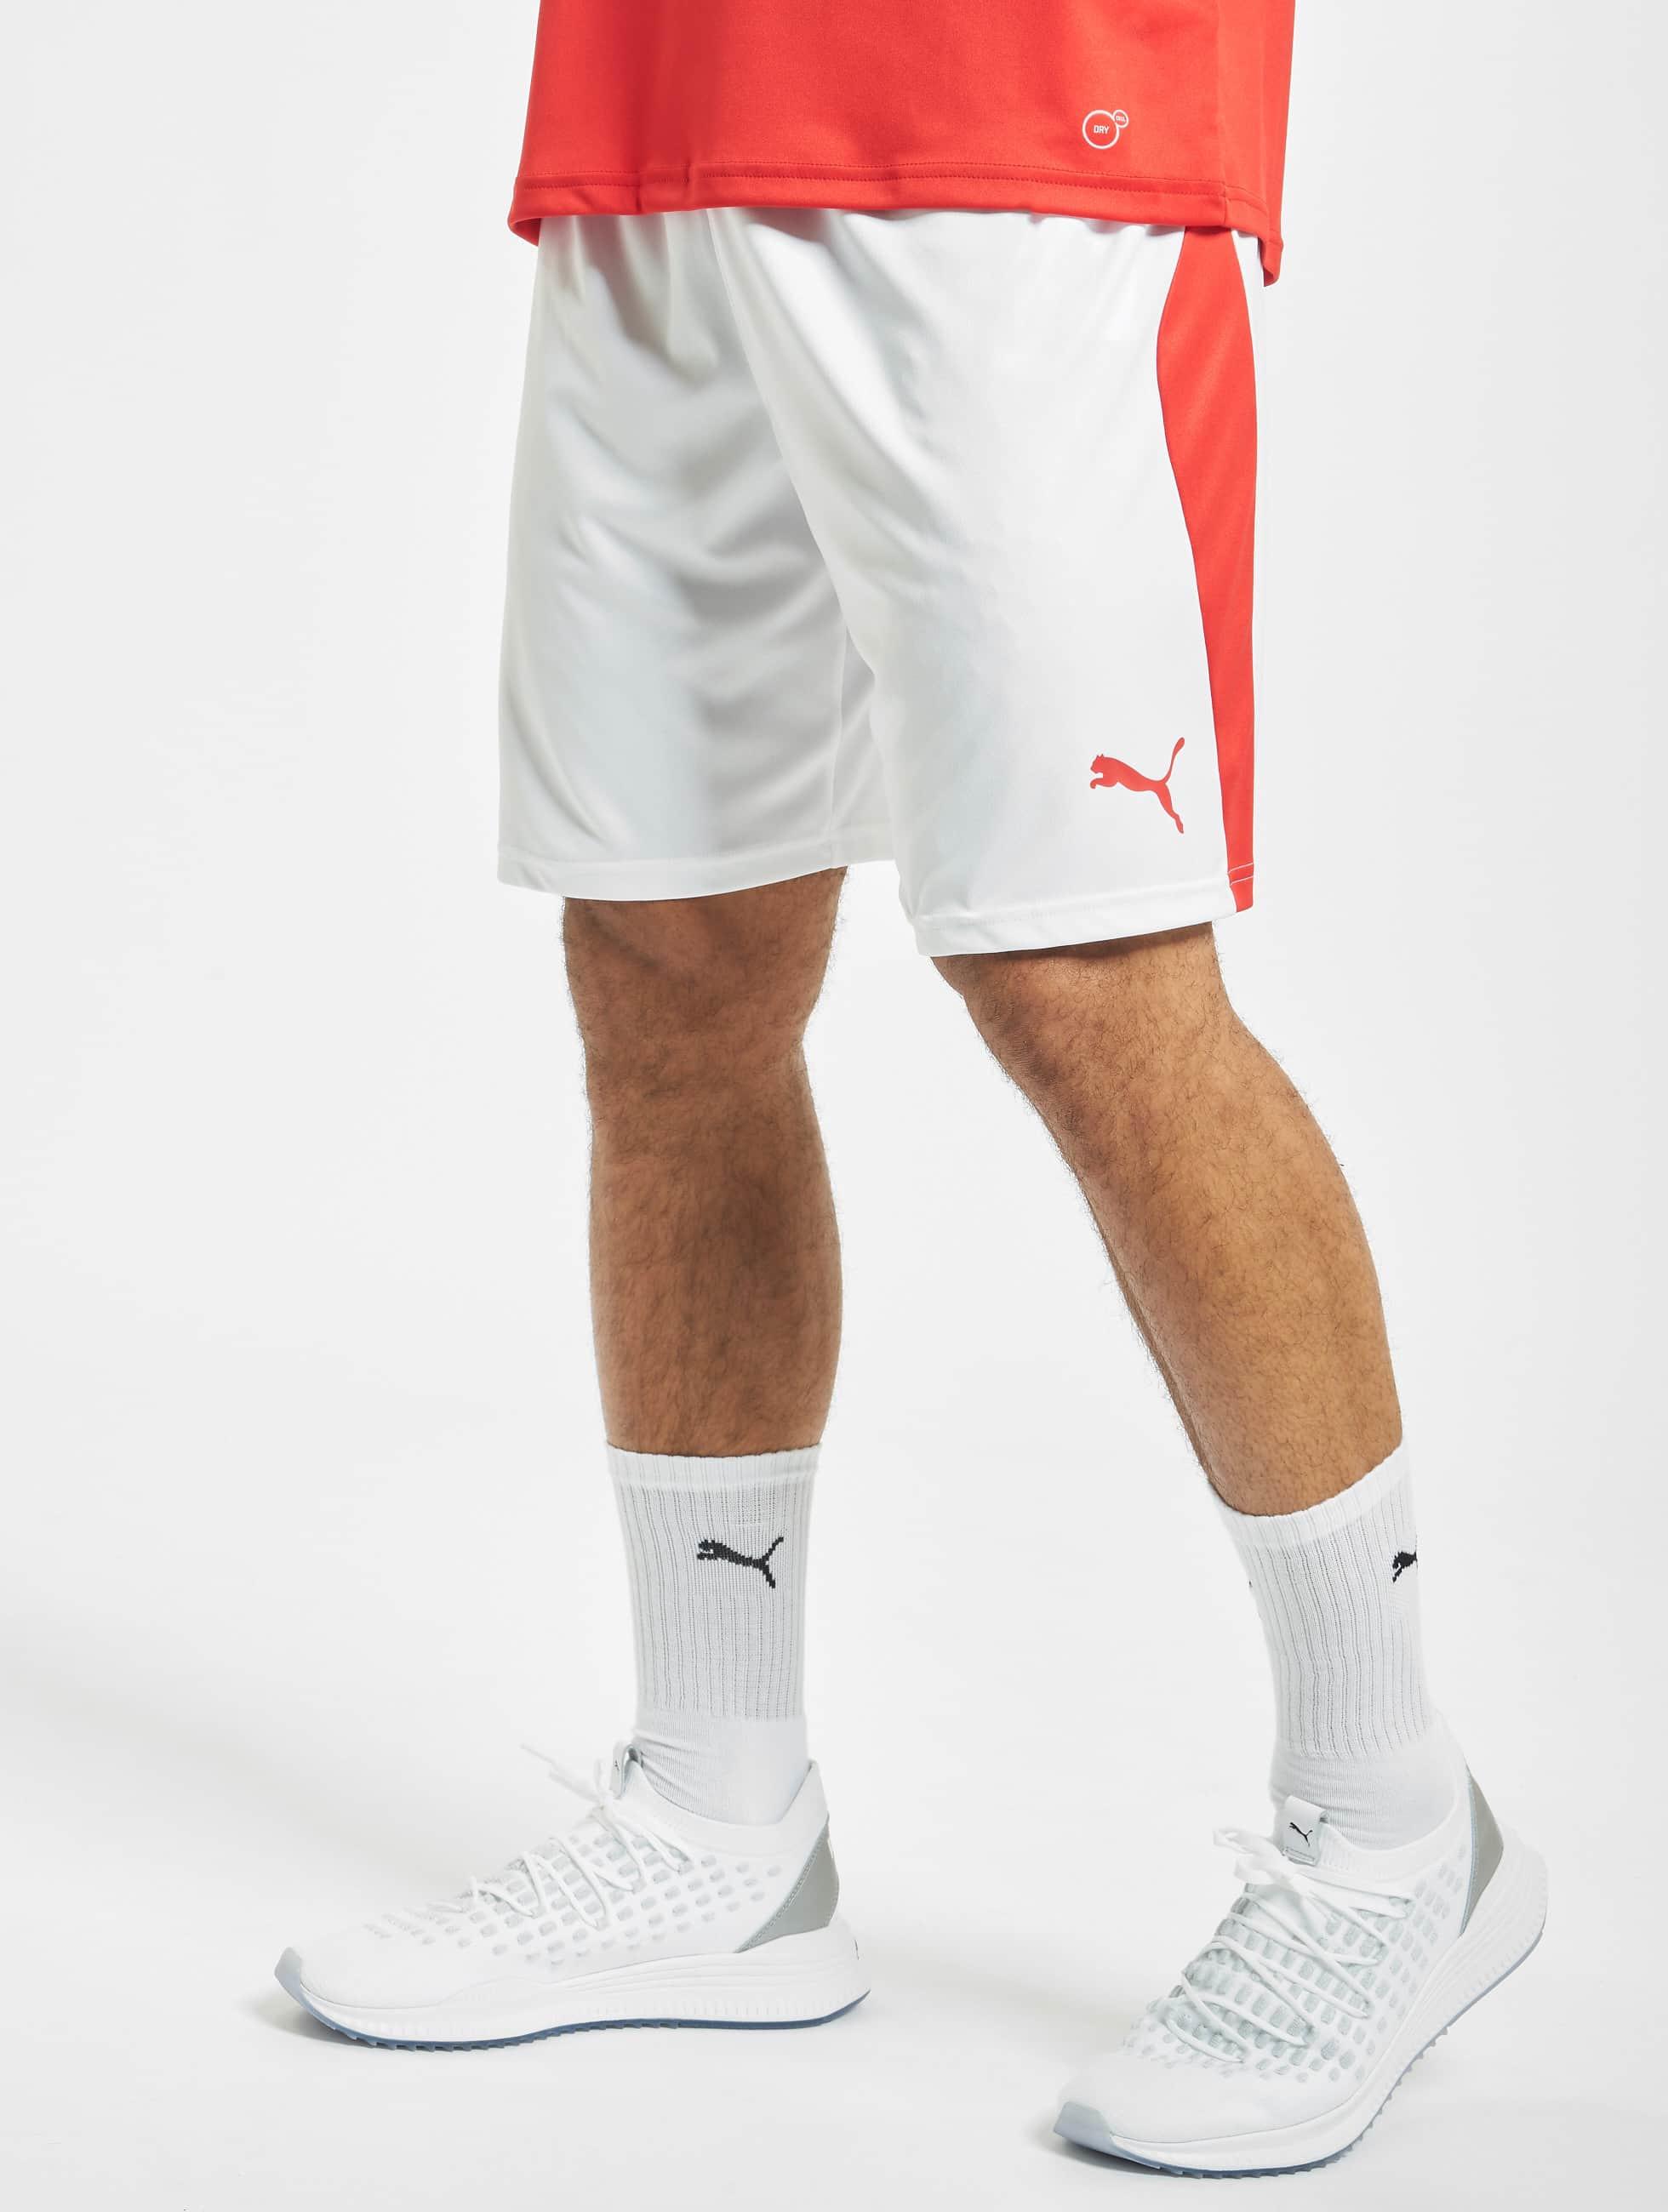 b8a5c5919f1ae Puma Performance Liga Shorts Puma White/Puma Red